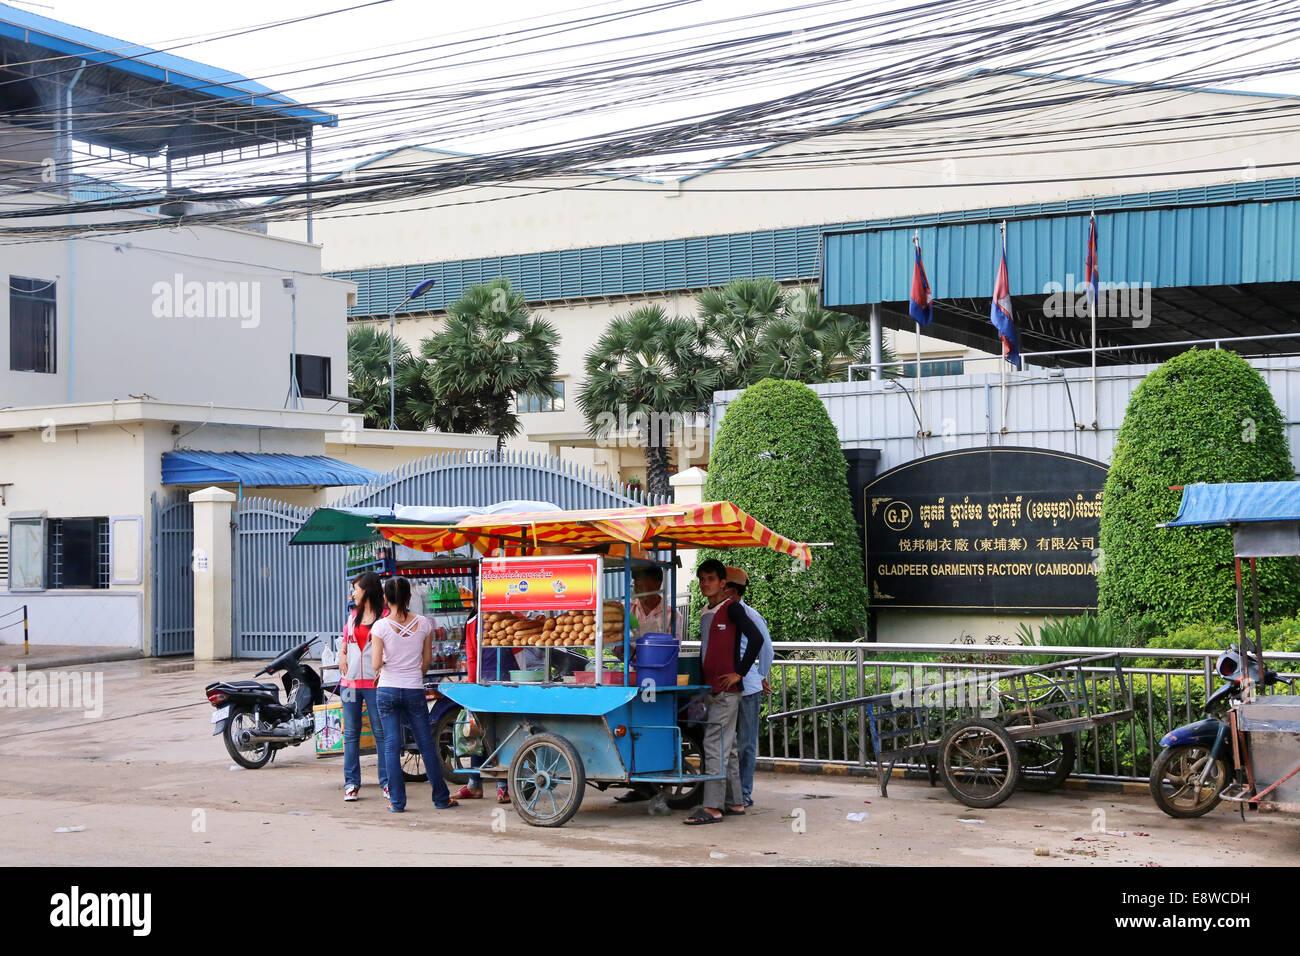 Gate di una fabbrica tessile nella Pochentong area industriale in Phnom Penh Cambogia. Immagini Stock